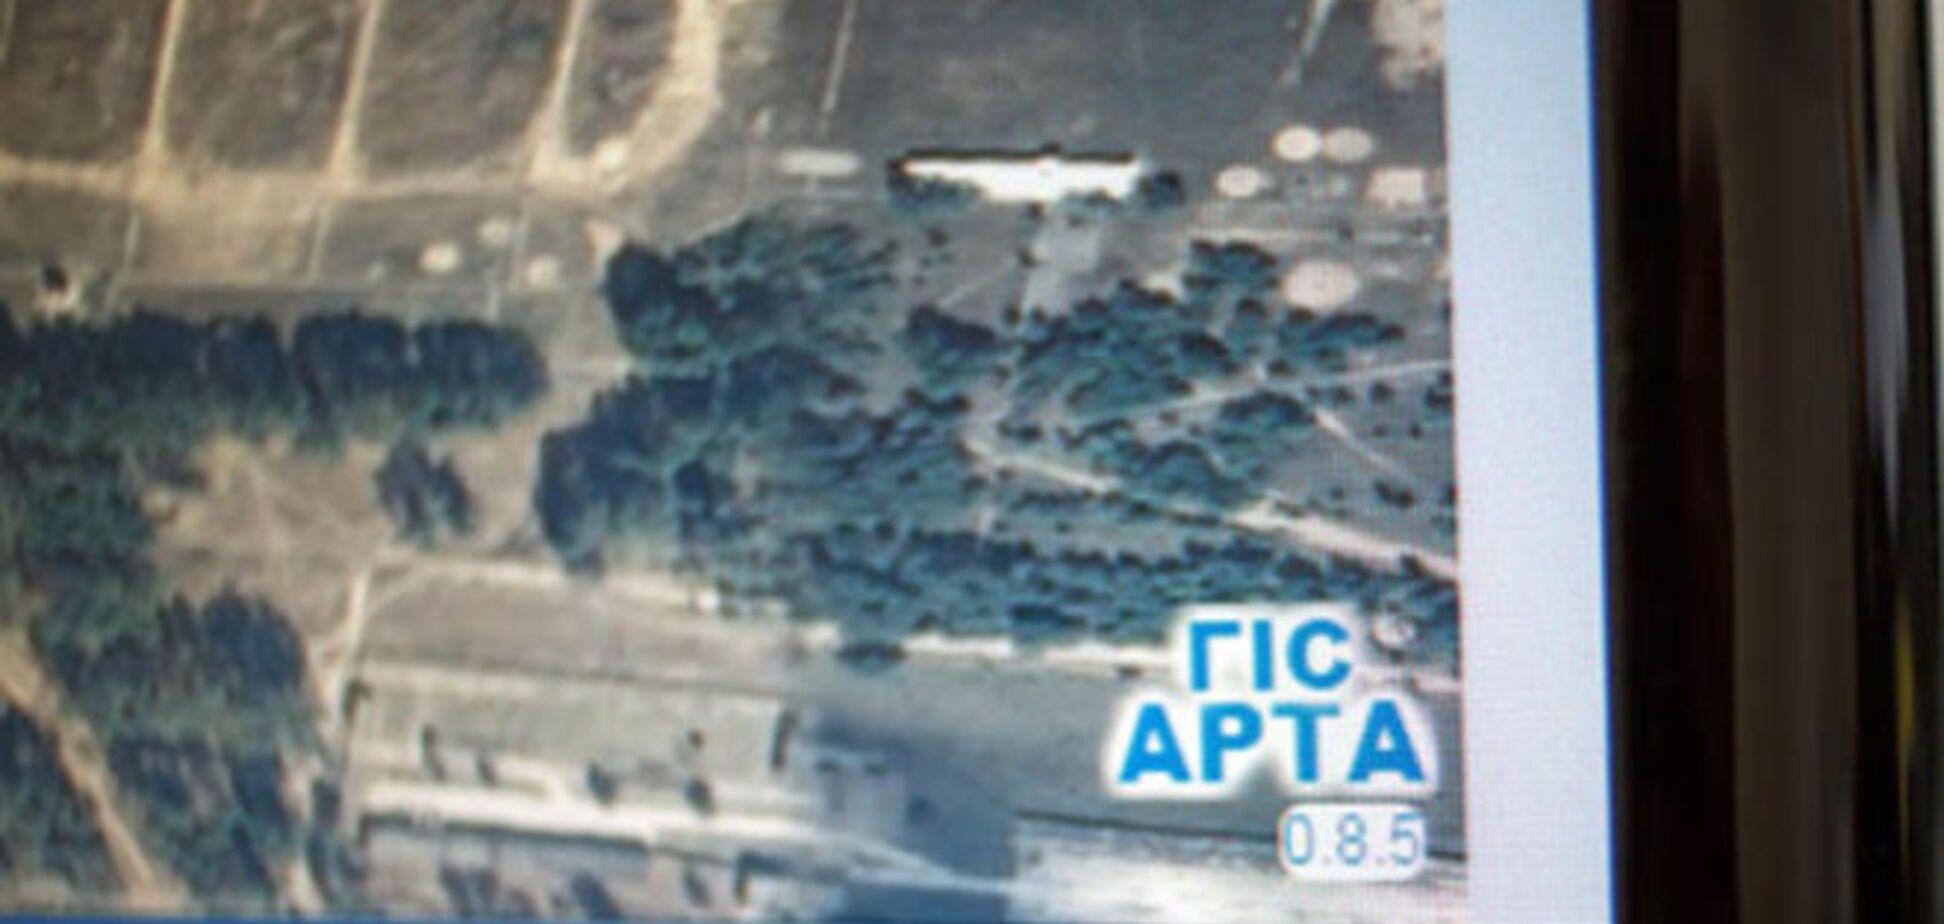 Программисты увеличили скорость ответа артиллерии сил АТО в 40 раз